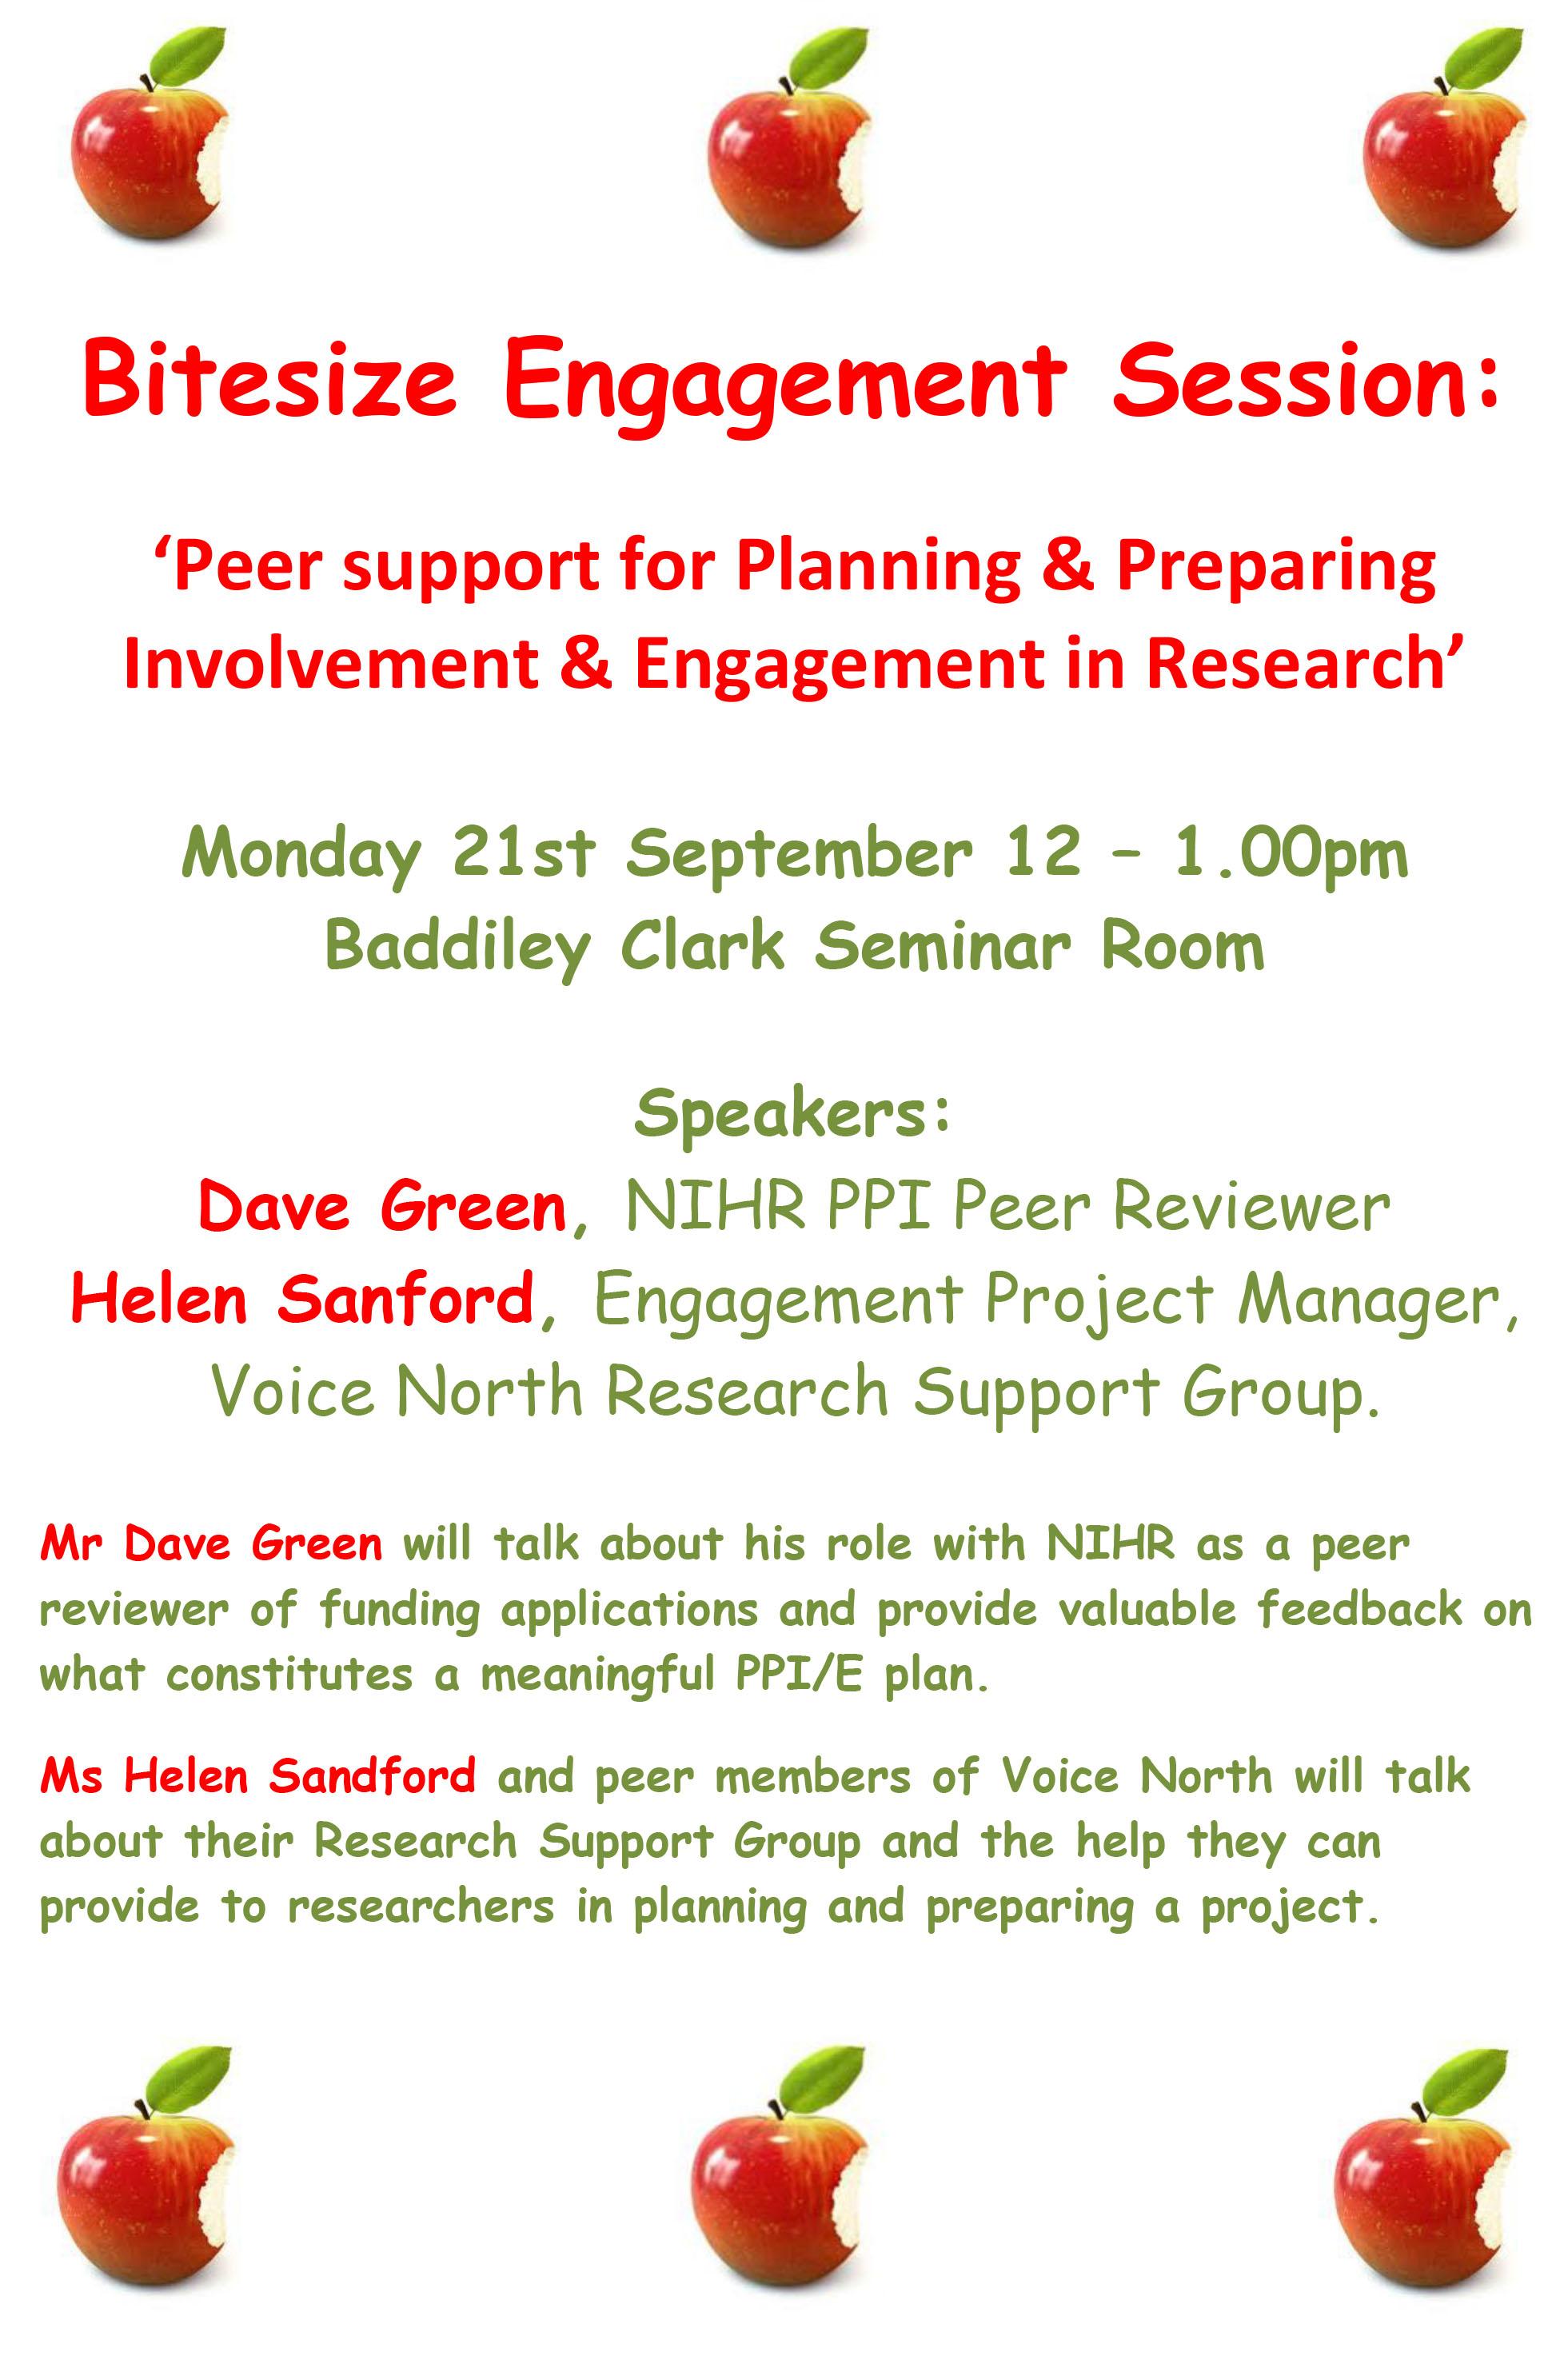 Bitesize Engagement Session poster 21st September Peer Support